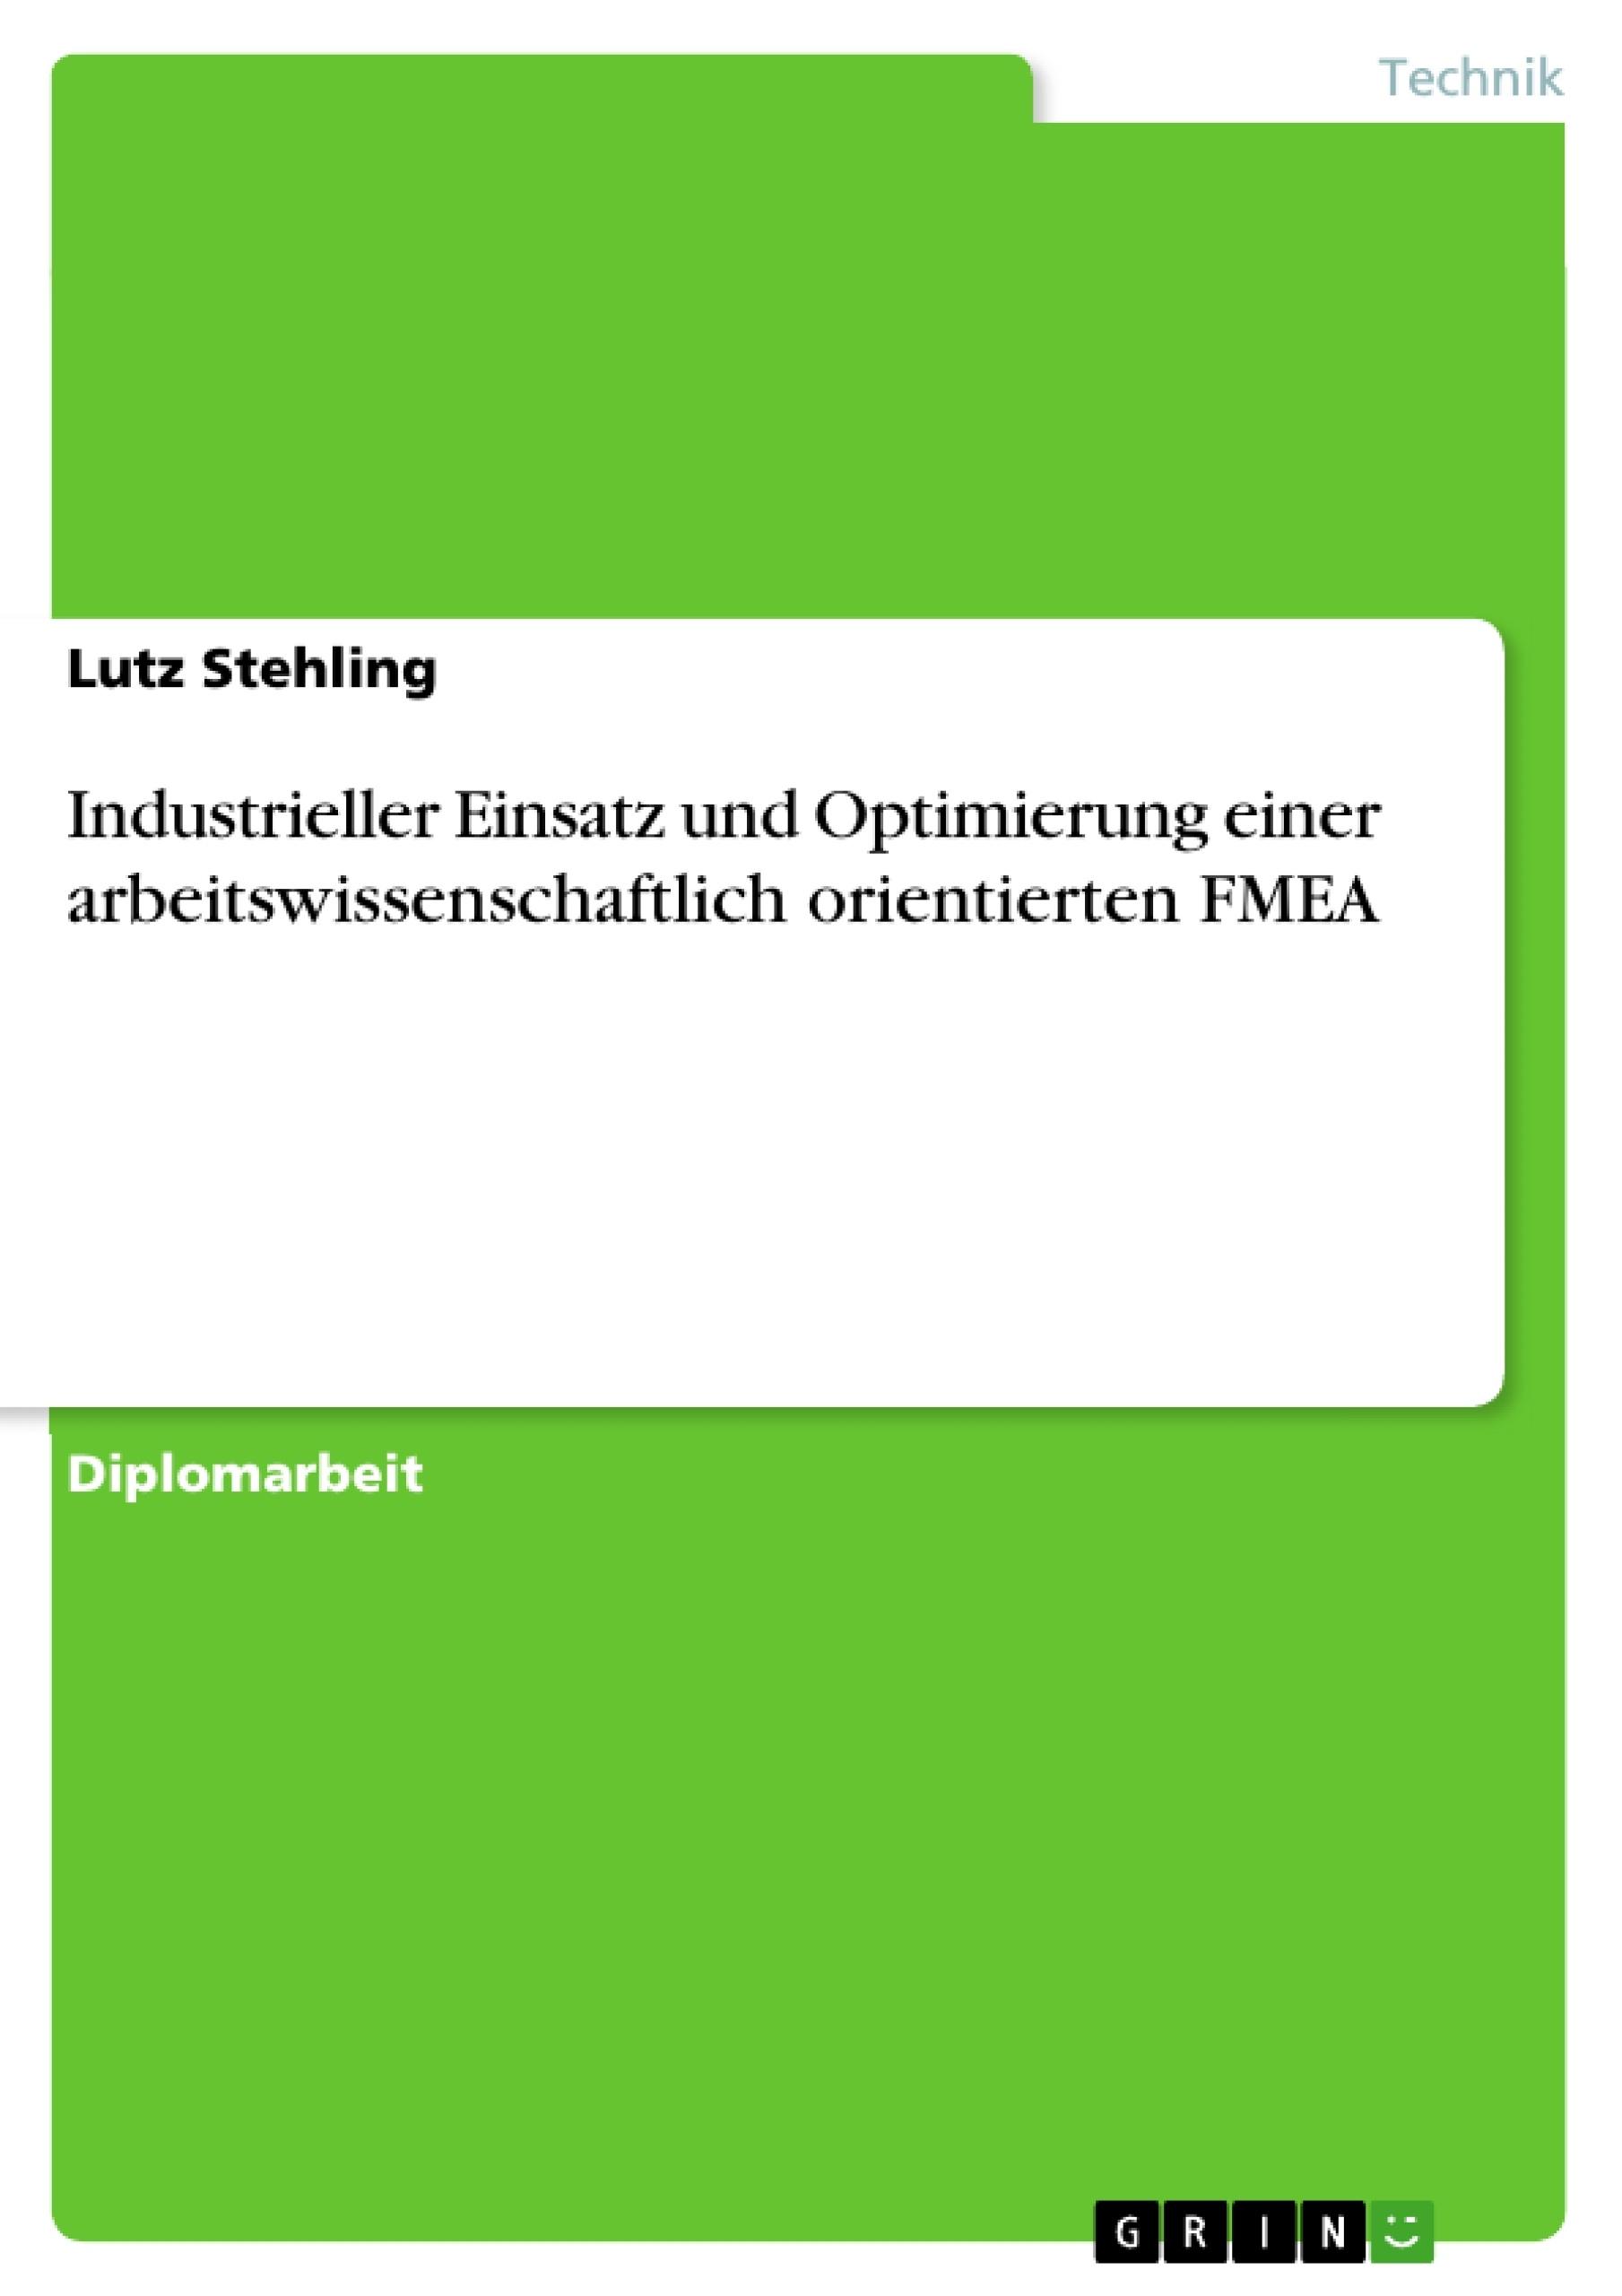 Titel: Industrieller Einsatz und Optimierung einer arbeitswissenschaftlich orientierten FMEA